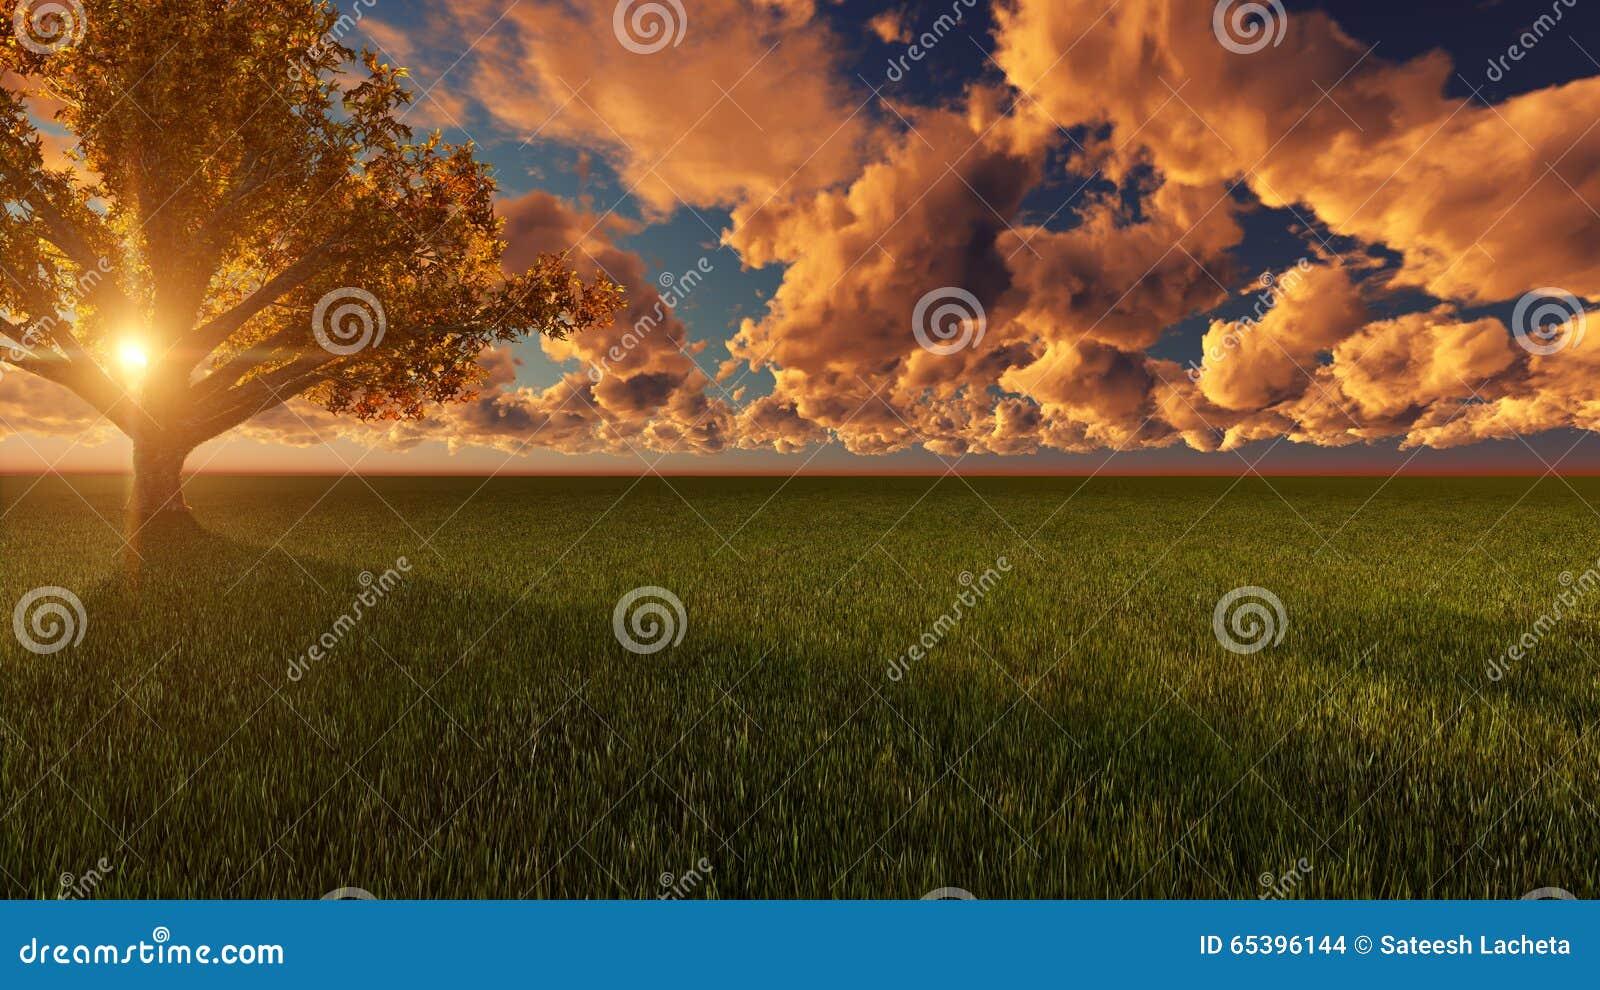 Natur-Sonnenuntergang-Szene im grünen Boden